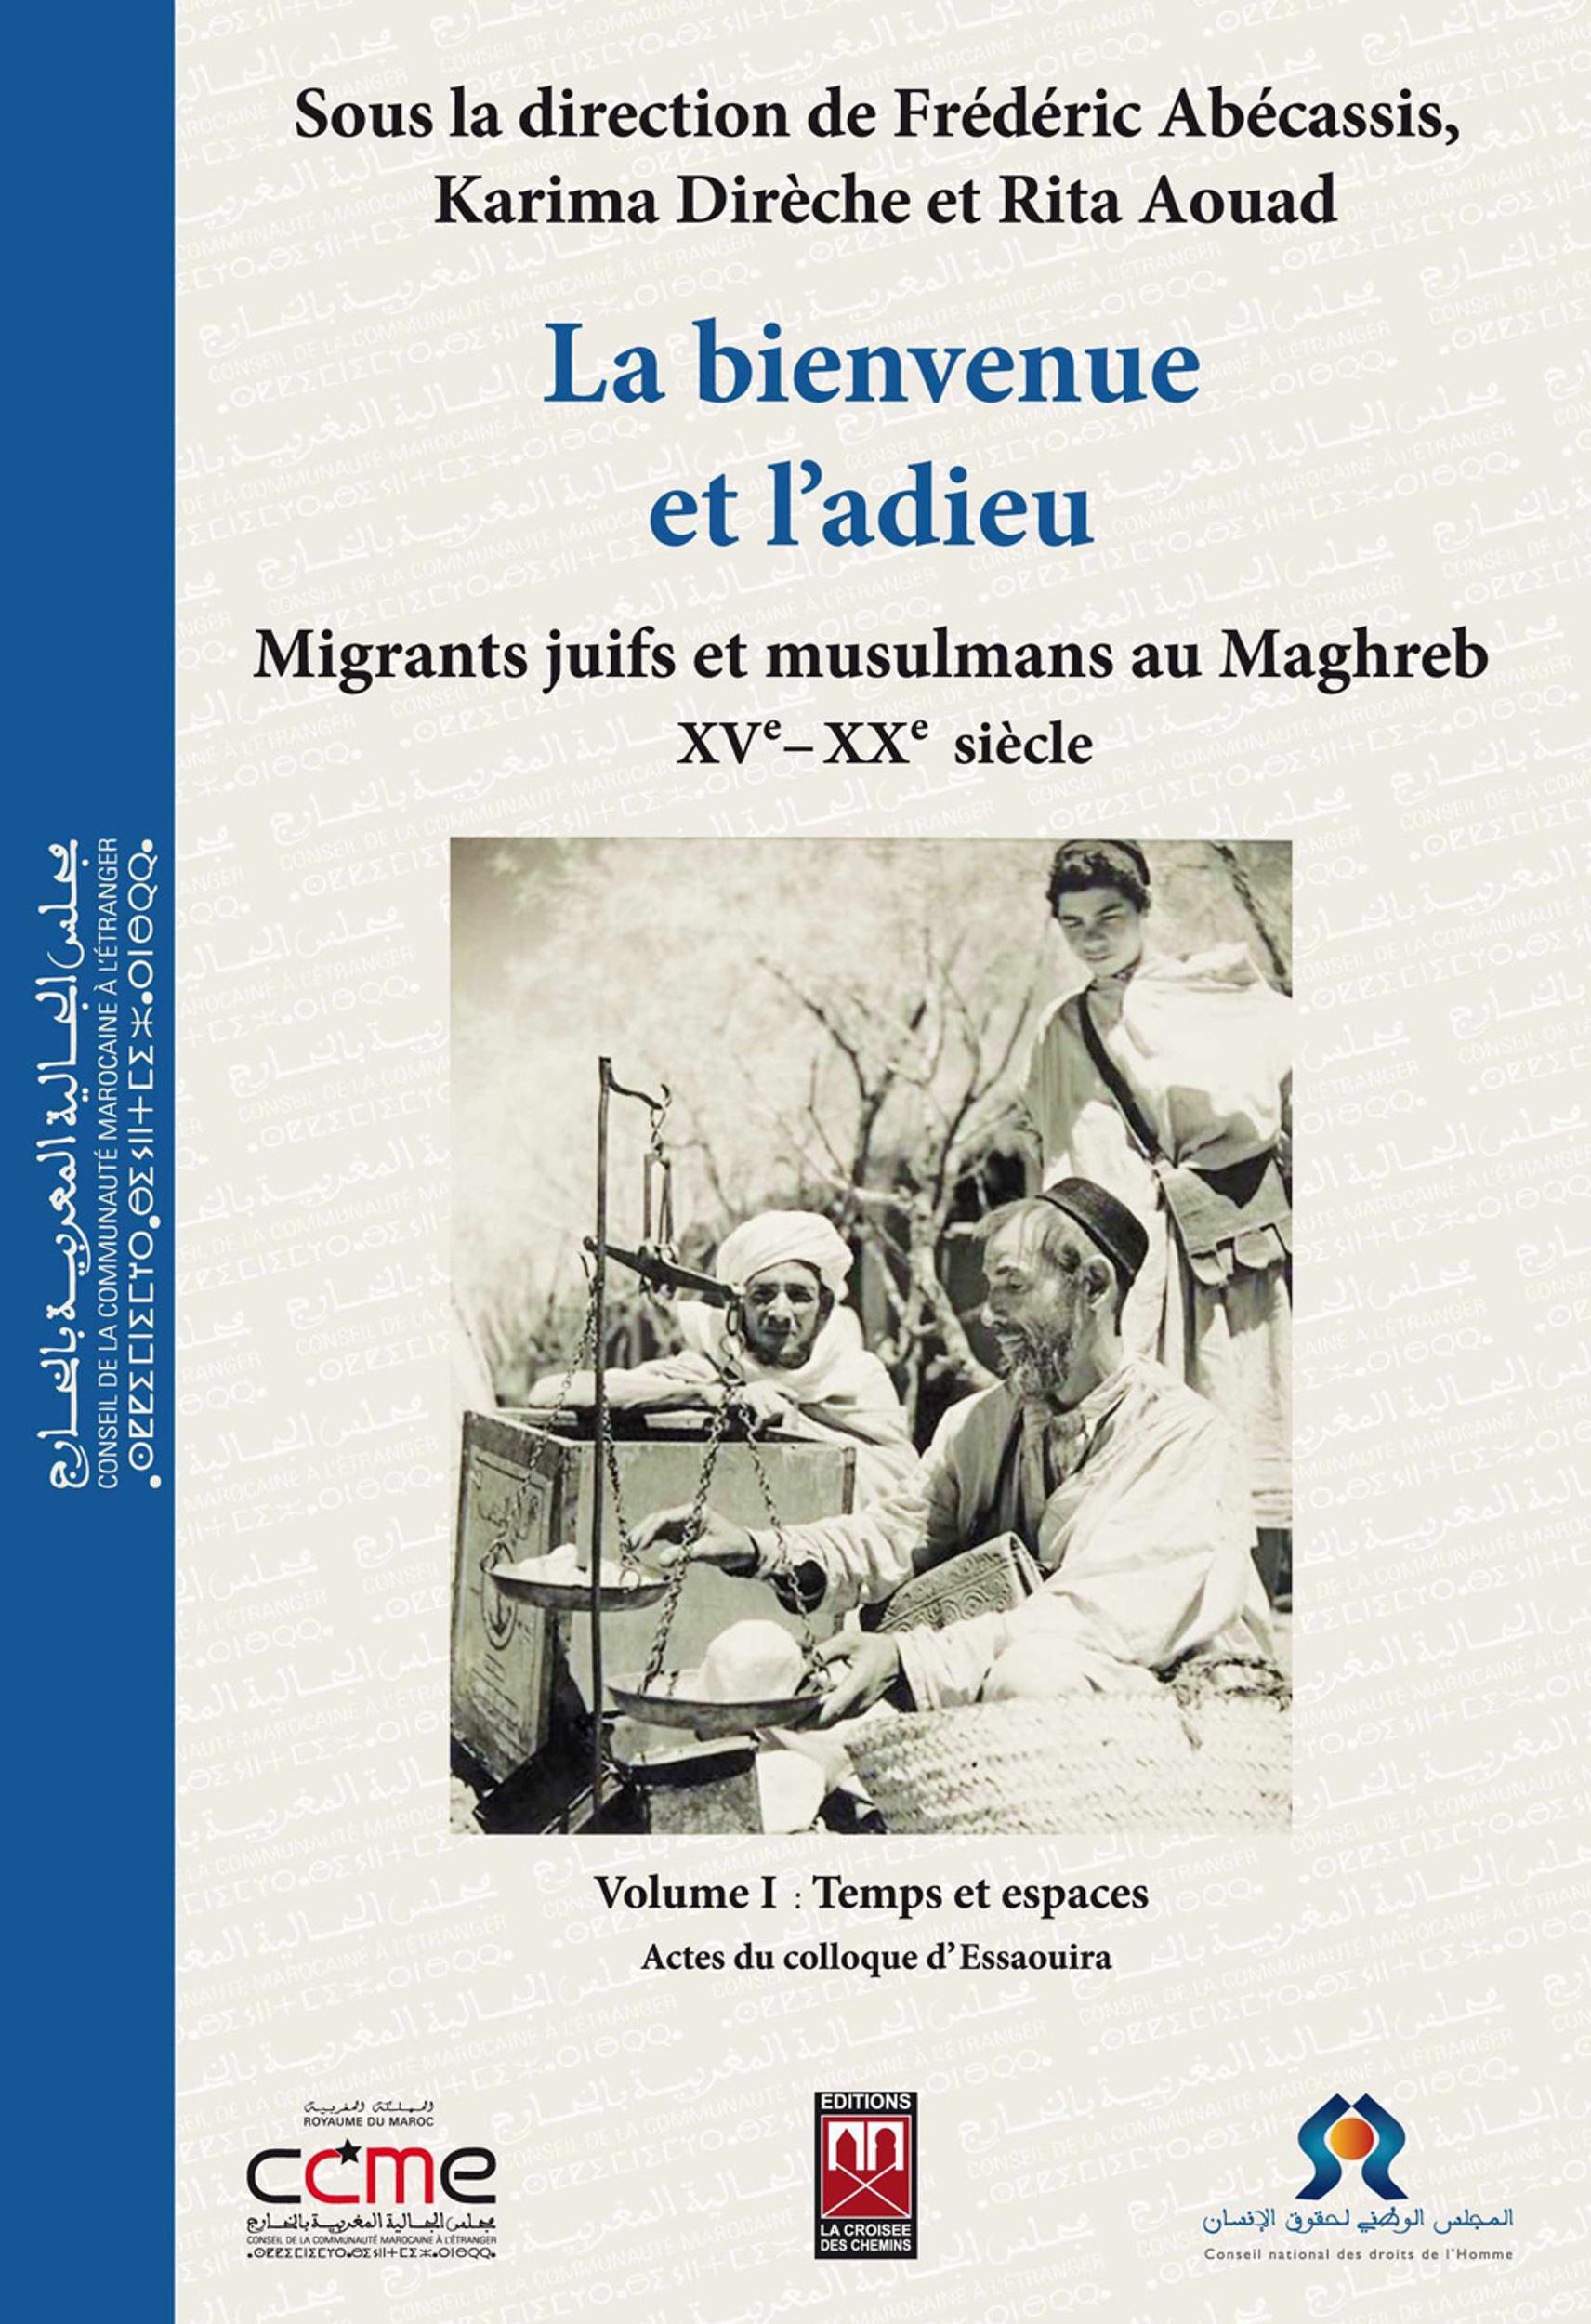 La bienvenue et l'adieu. migrants juifs et musulmans au xve - xxe siecle  3 vol